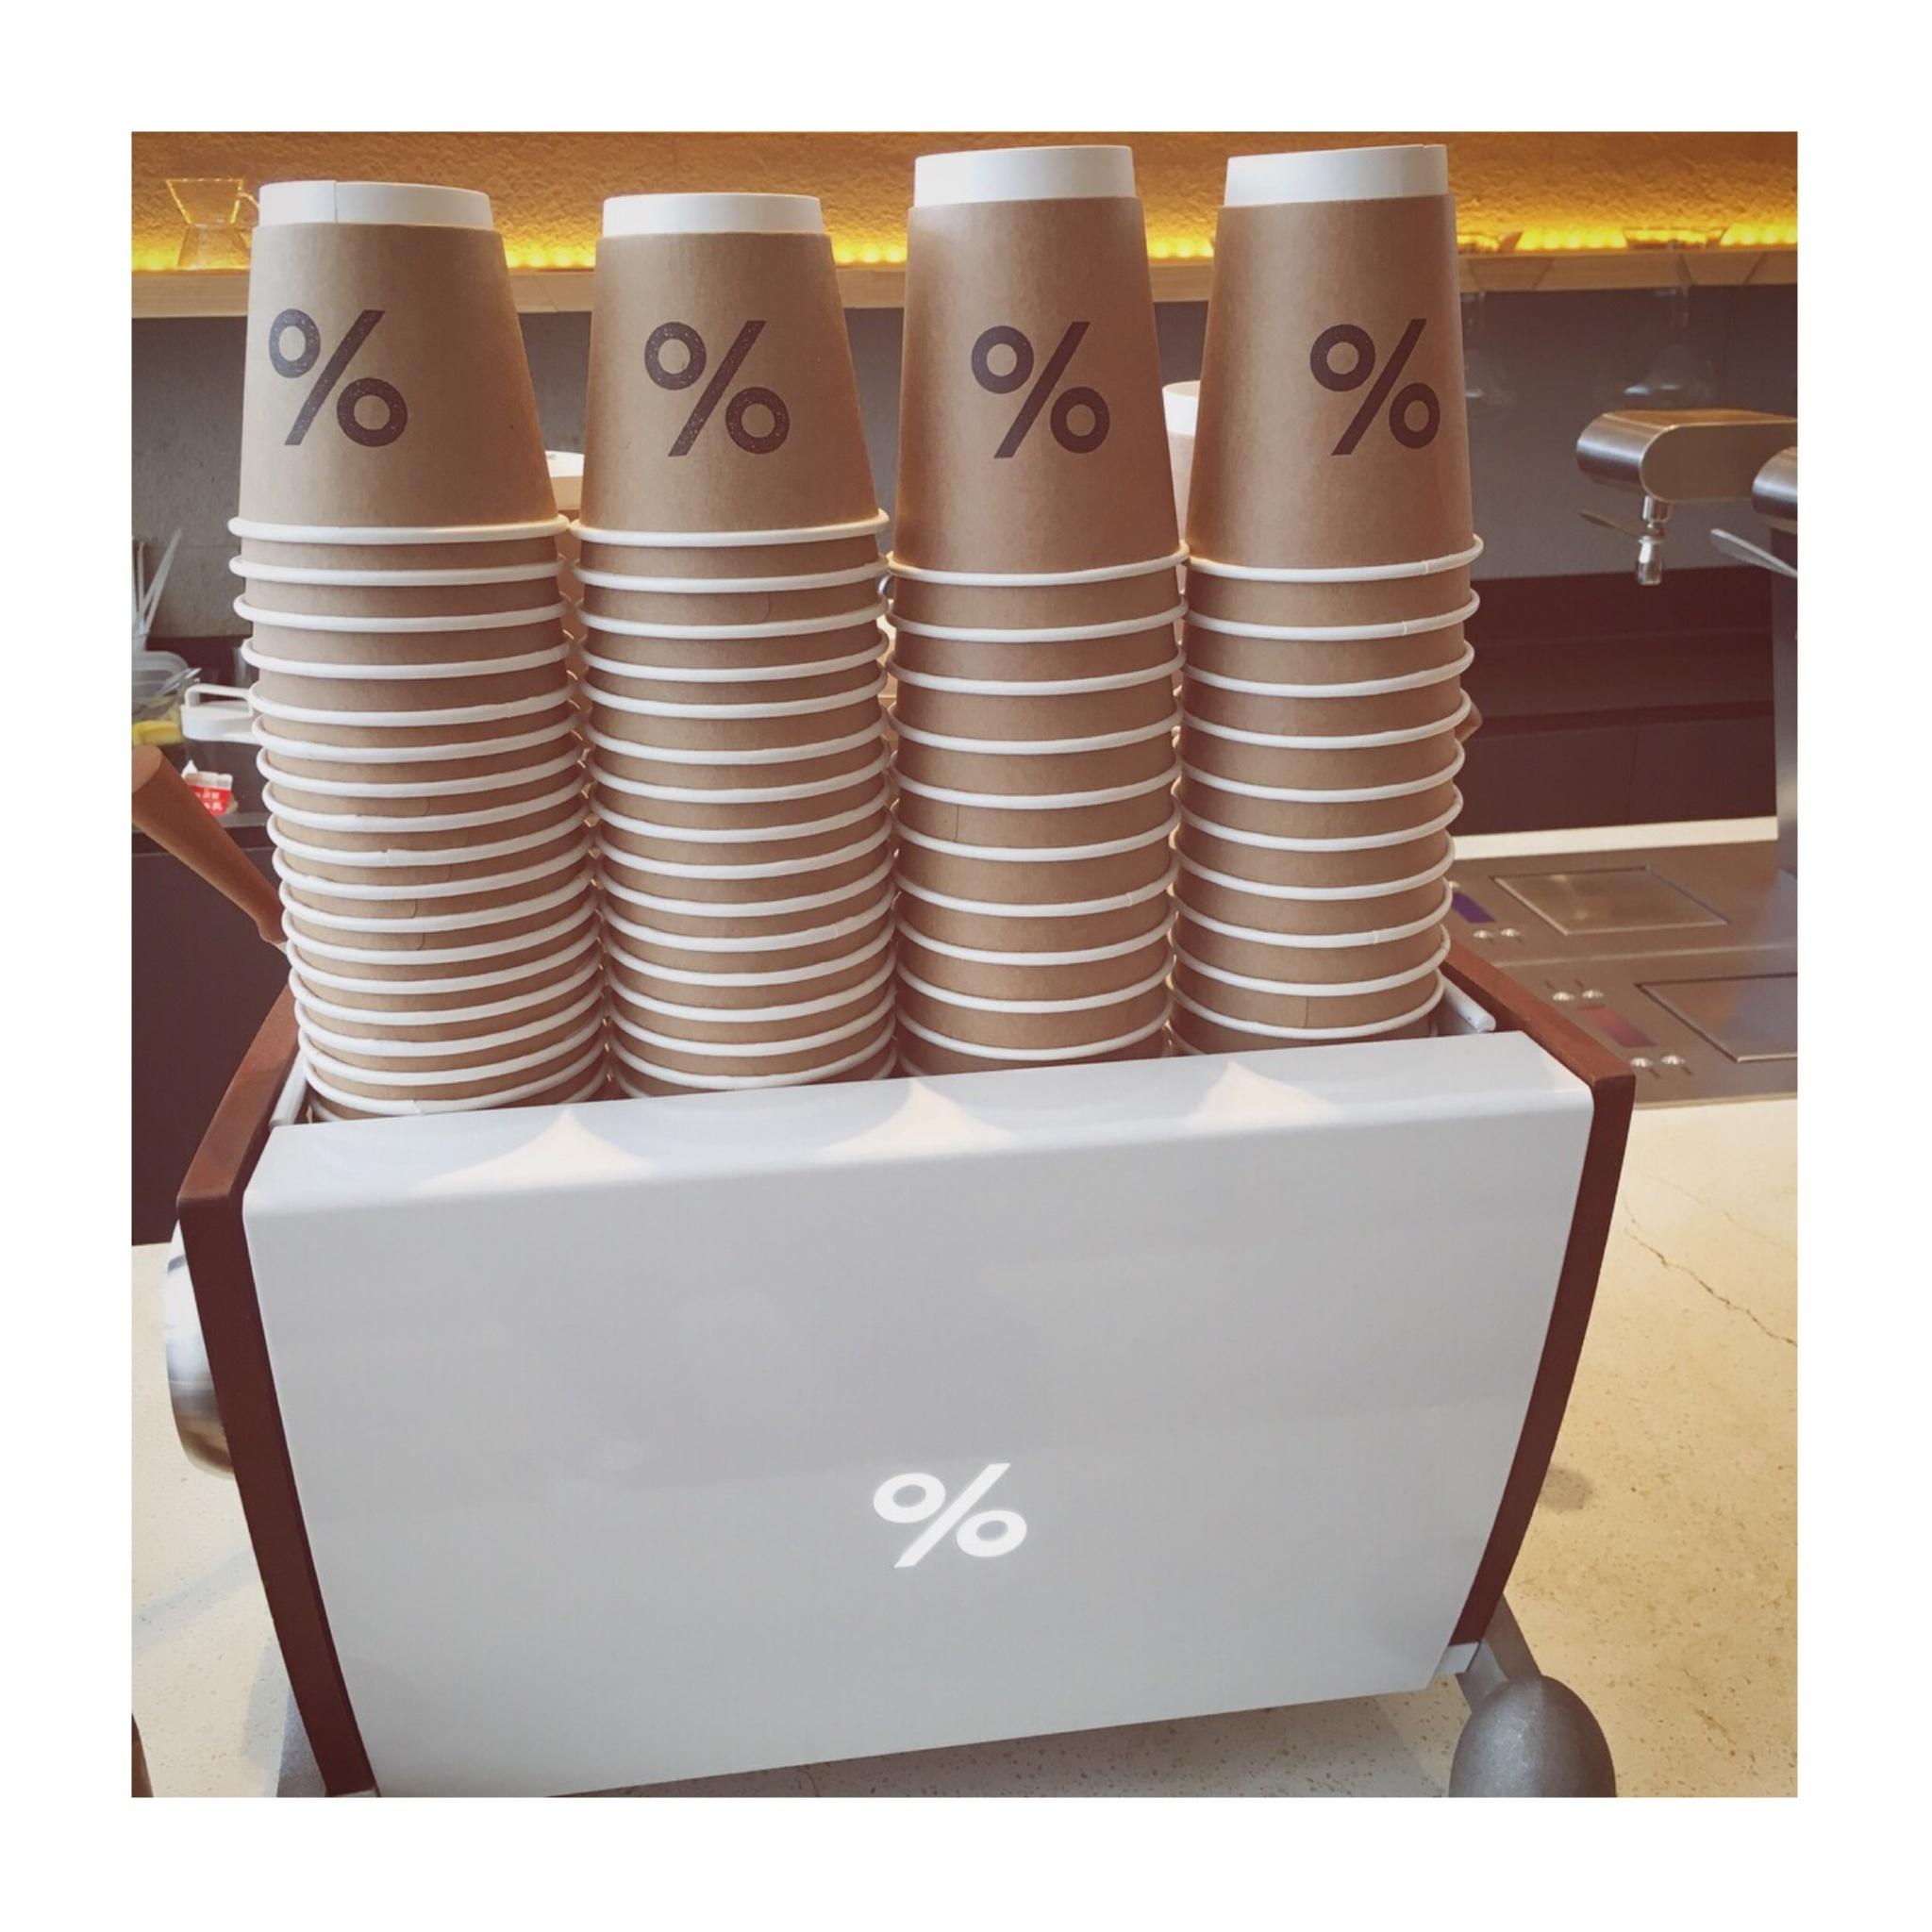 #10【#cafestagram】❤️:《京都》に行ったら寄りたい!おしゃれなカフェ「アラビカ 京都」でこだわりのコーヒーを☻_3